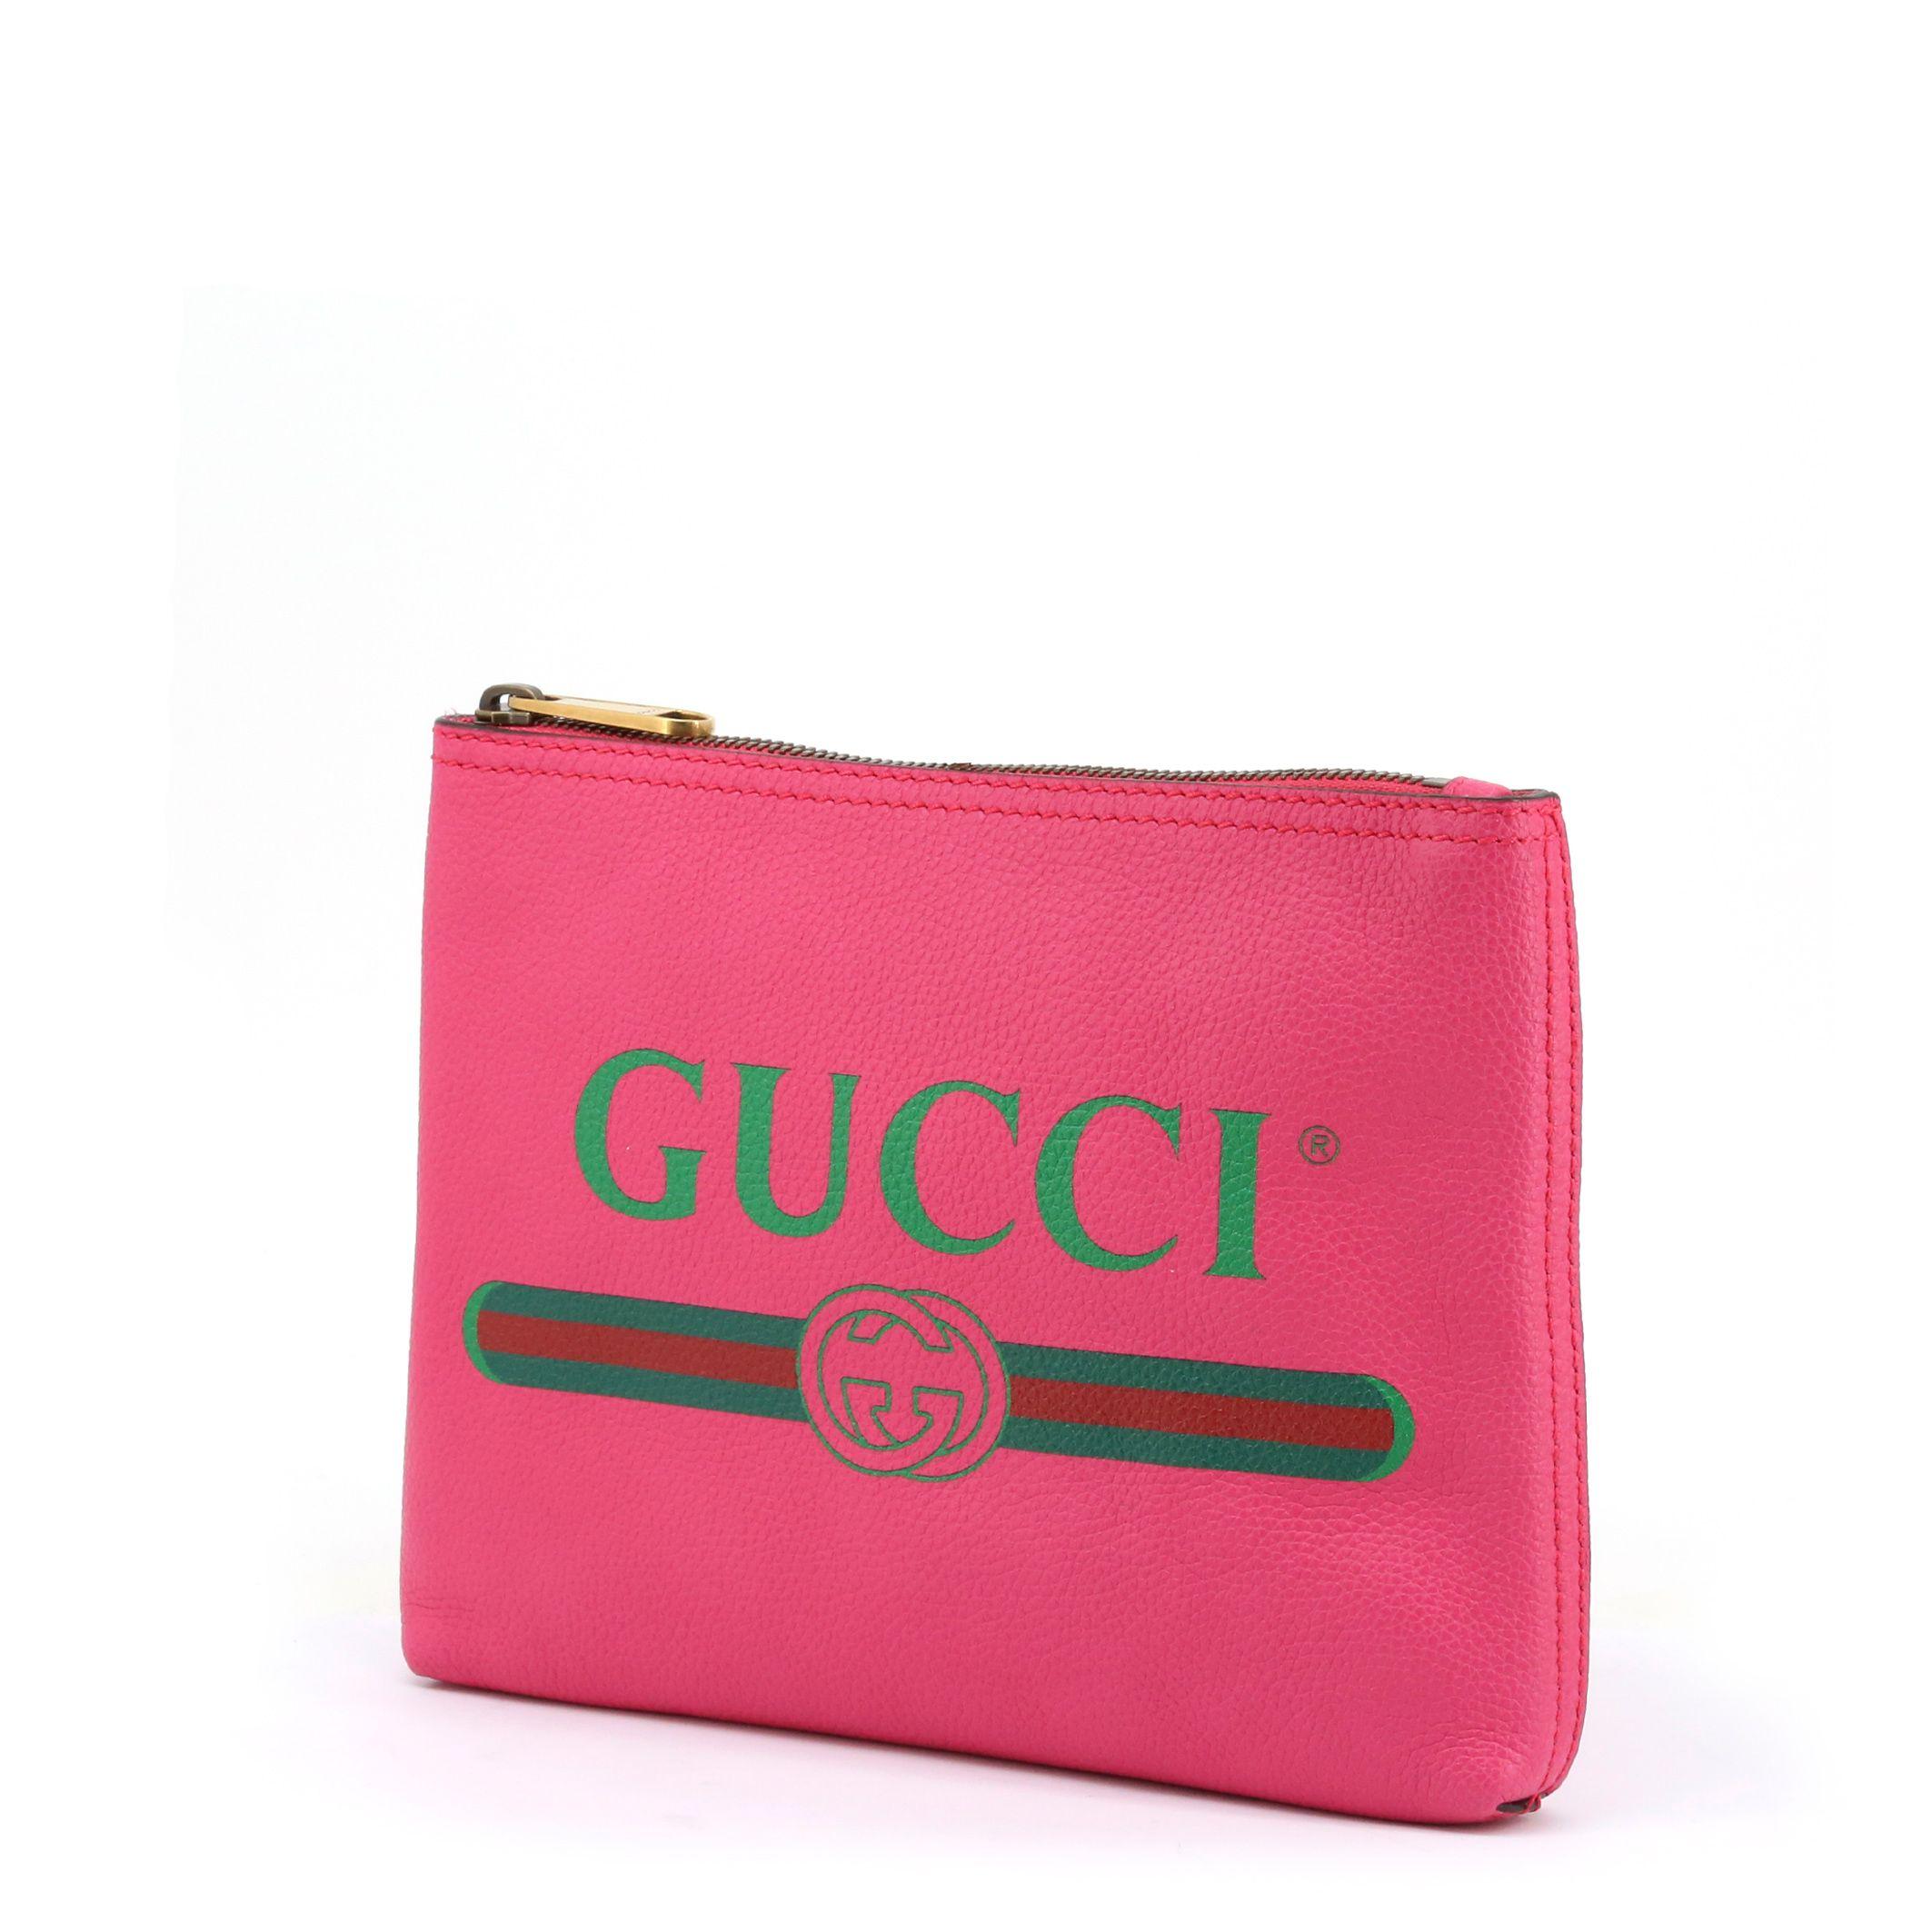 Gucci – 495665_0GCAT – Rosa